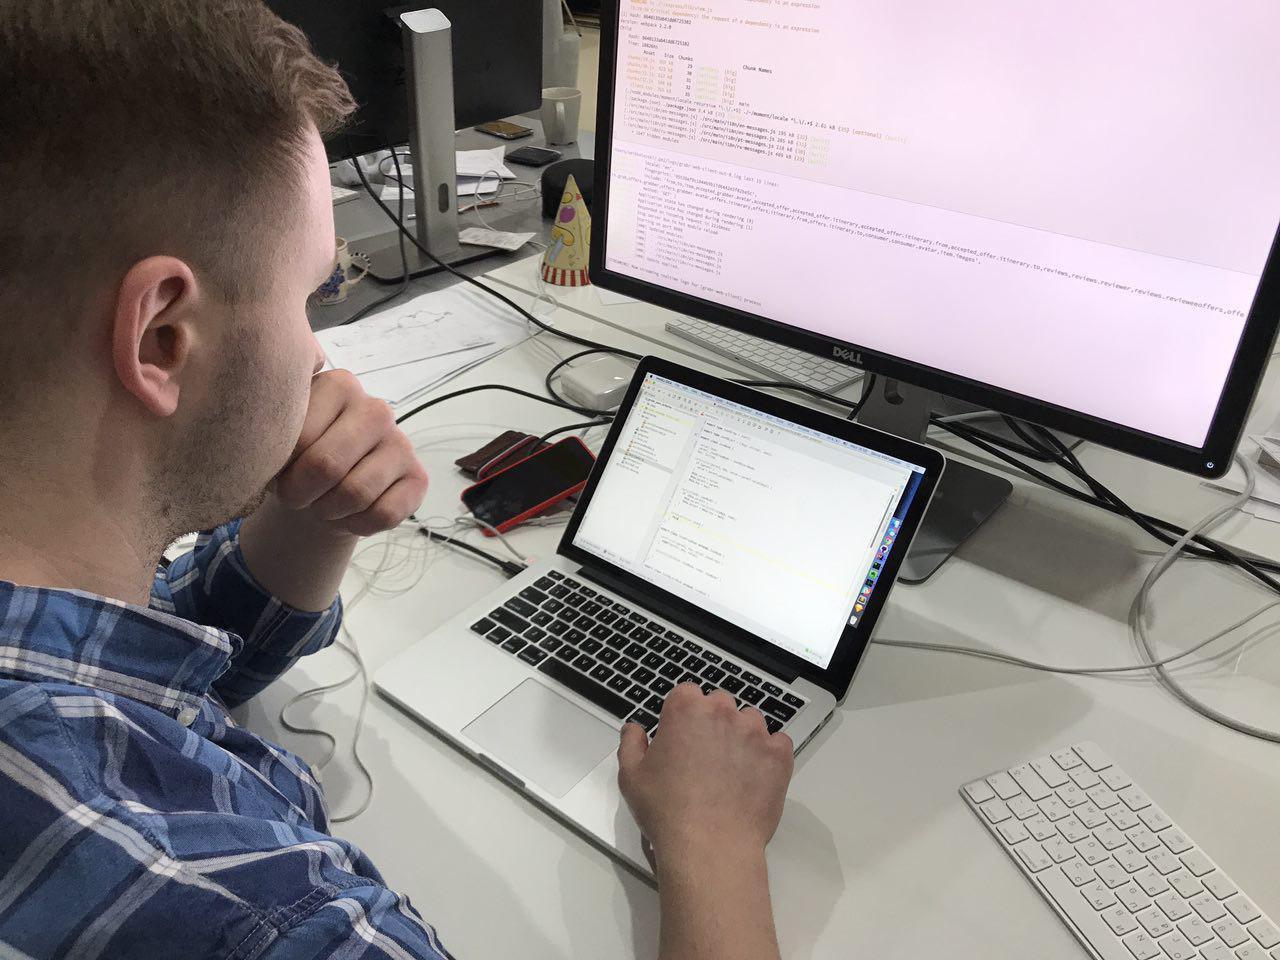 Как работают ИТ-специалисты. Савва Михалевский, front-end архитектор Grabr - 2